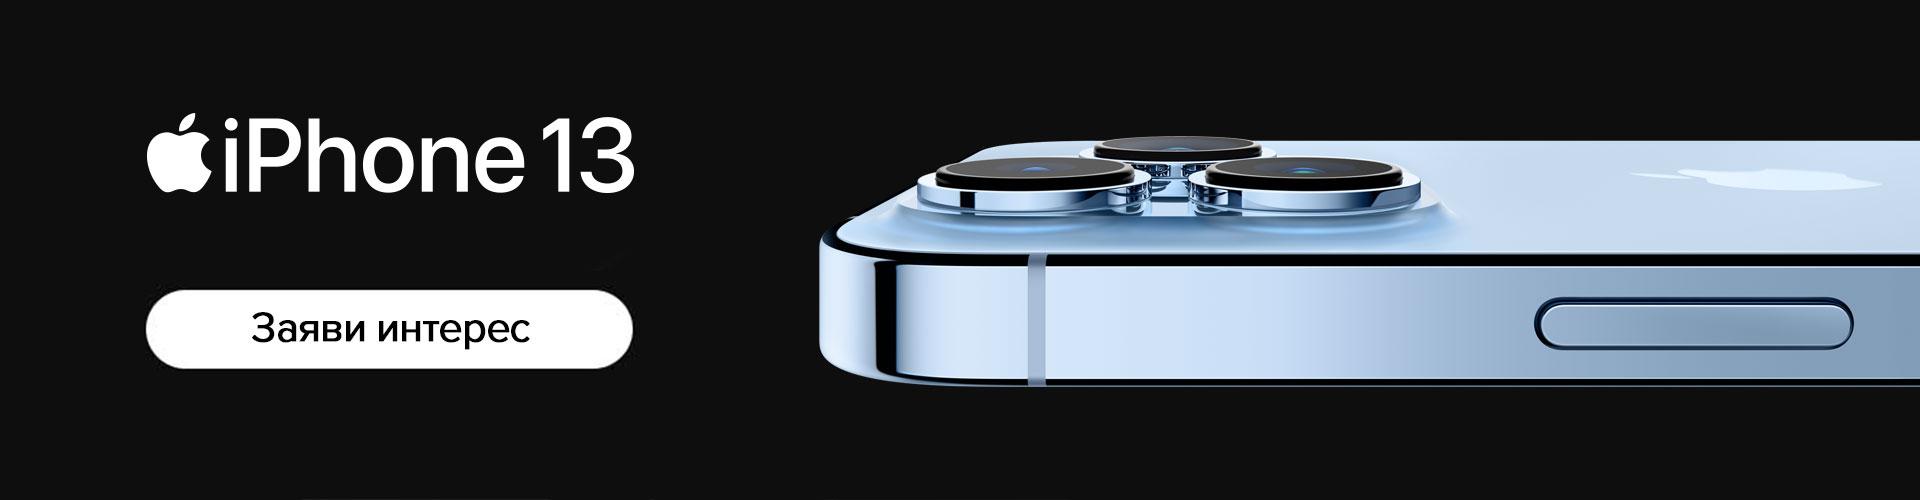 Plesio - iPhone 13